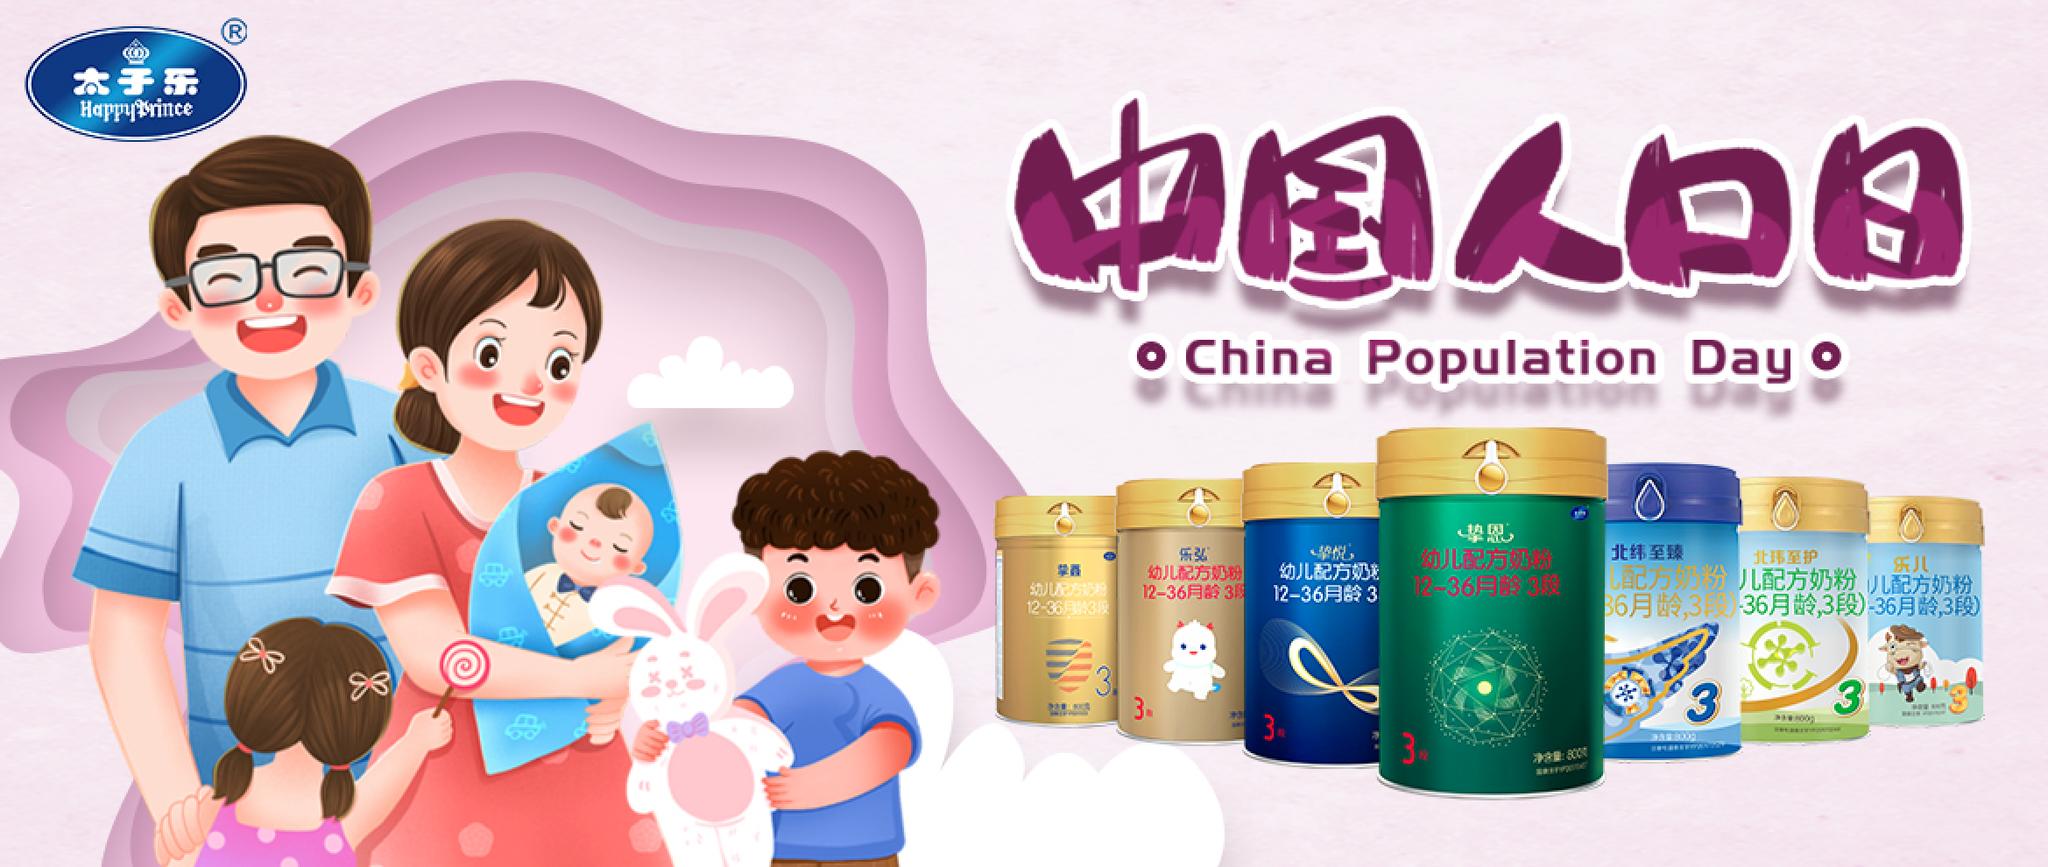 《中国人口日,太子乐关注全民综合素质稳步提升》